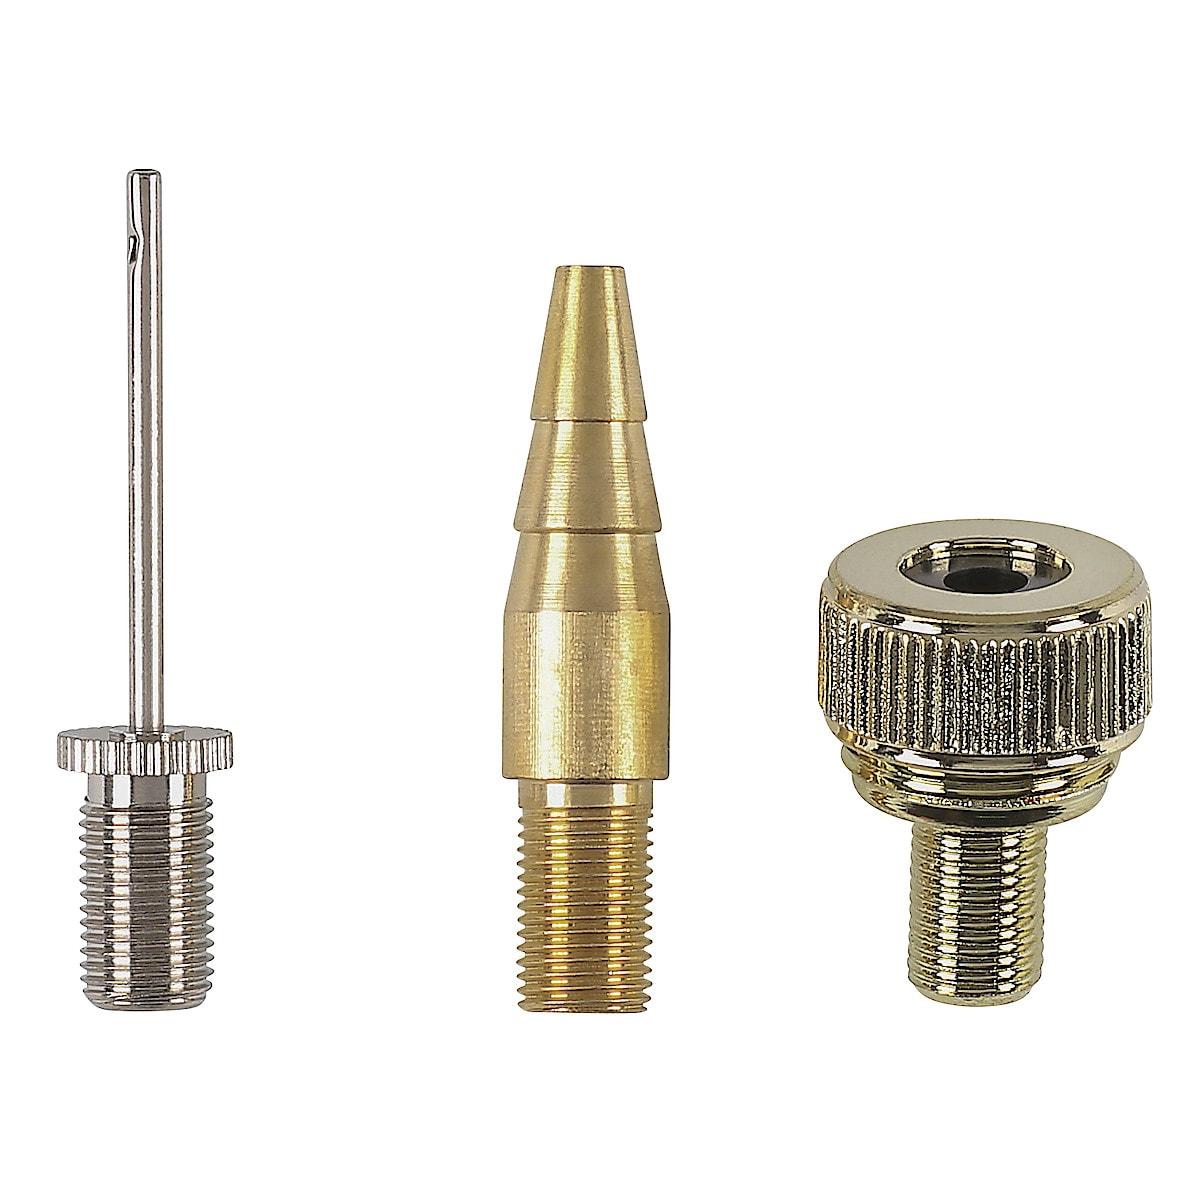 6-Piece Air Tool Set